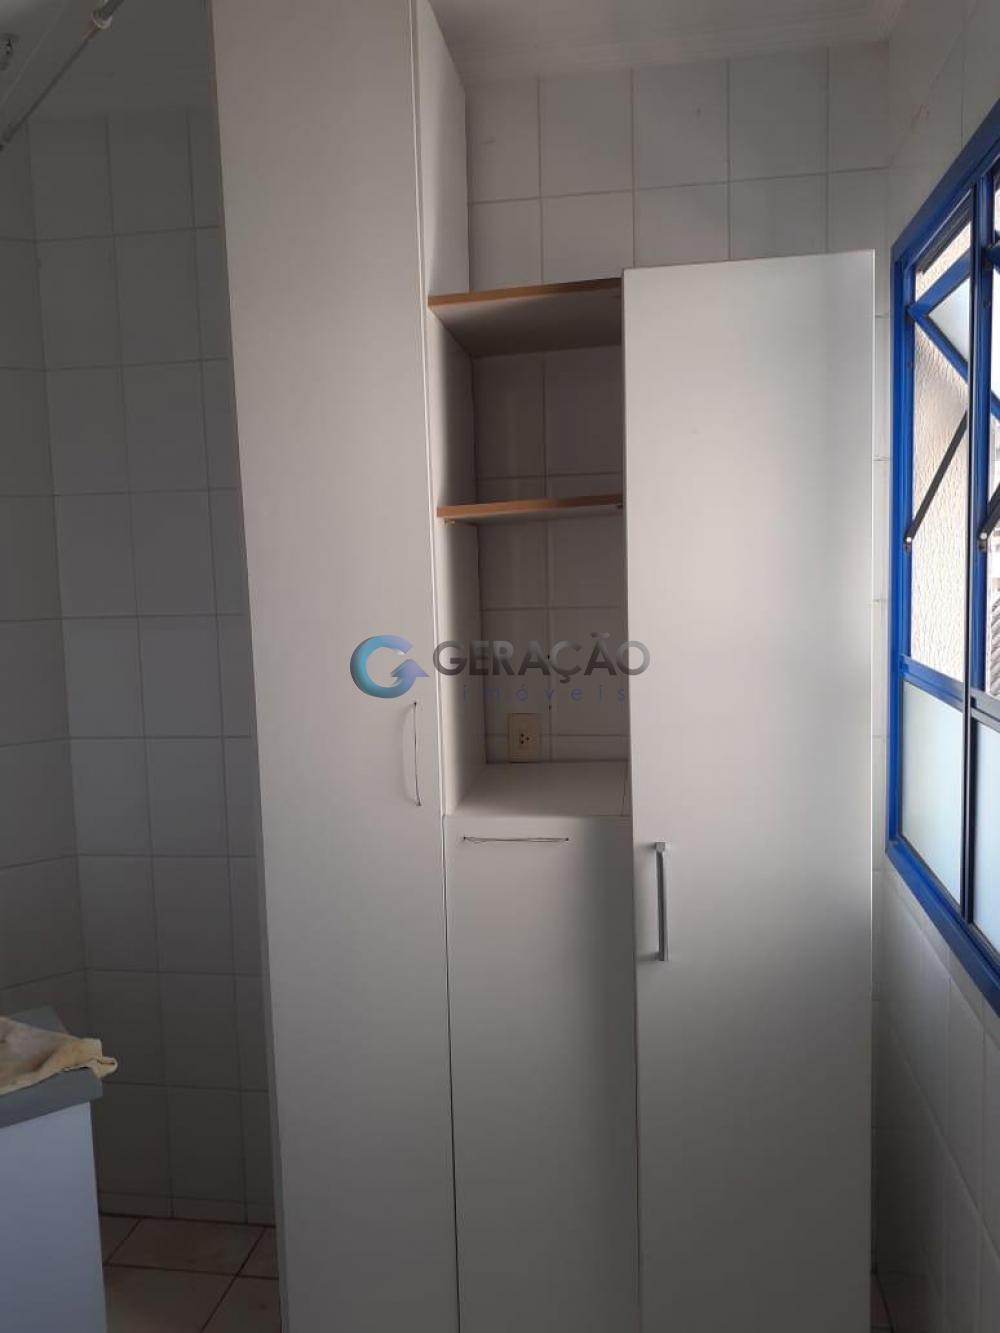 Alugar Apartamento / Padrão em São José dos Campos R$ 1.650,00 - Foto 10